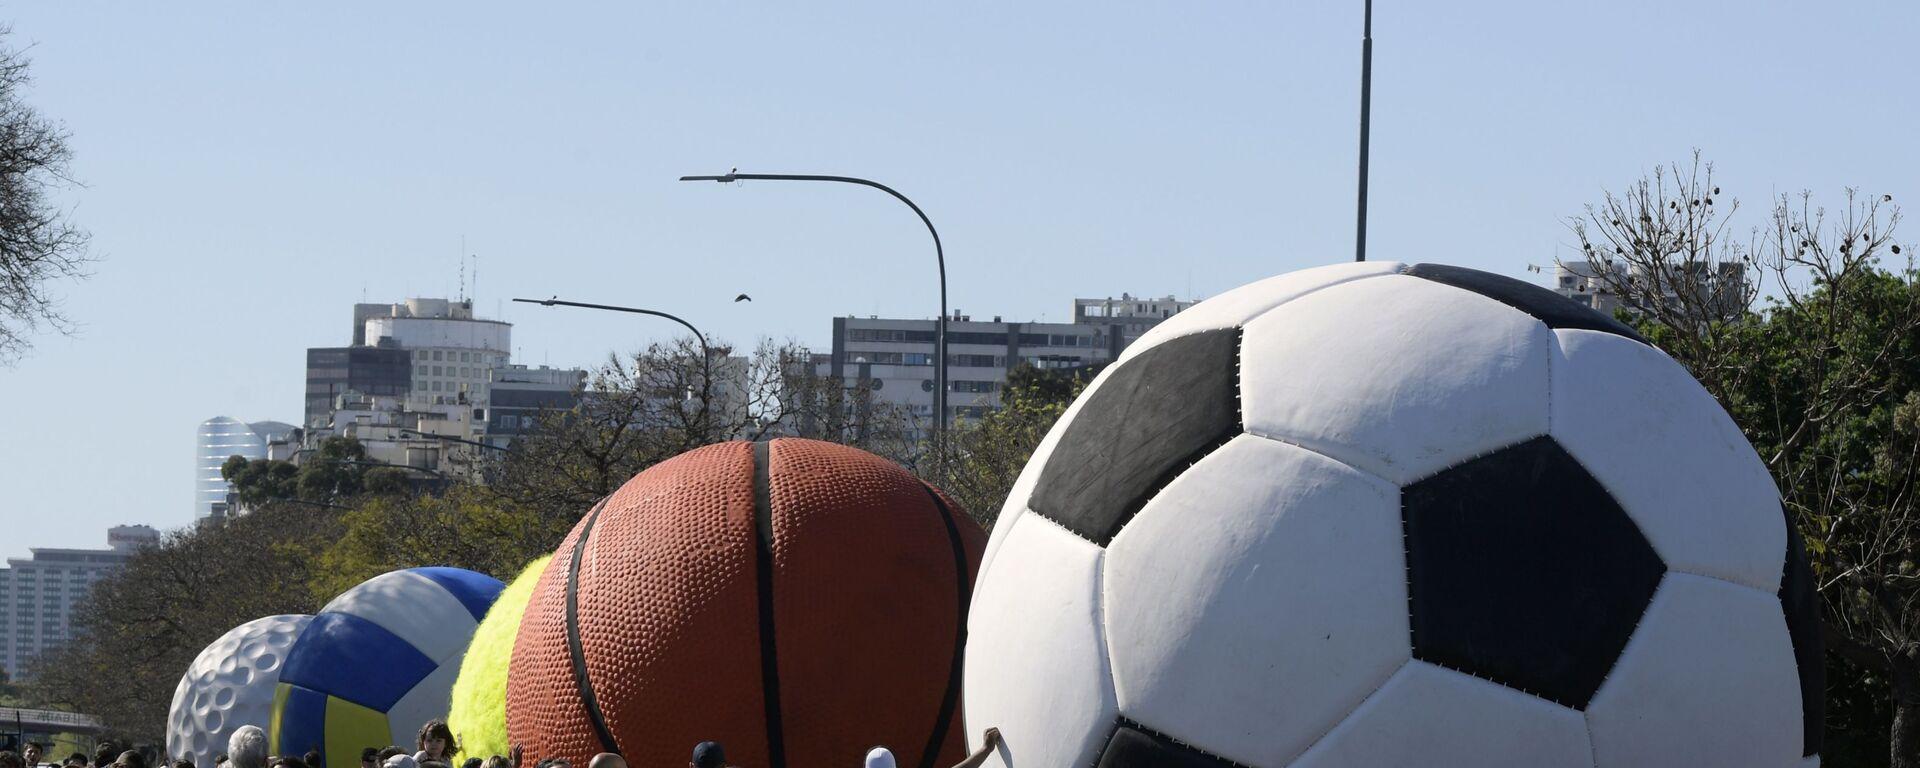 μπάλα ποδοσφαίρου και μπάσκετ - Sputnik Ελλάδα, 1920, 02.02.2021